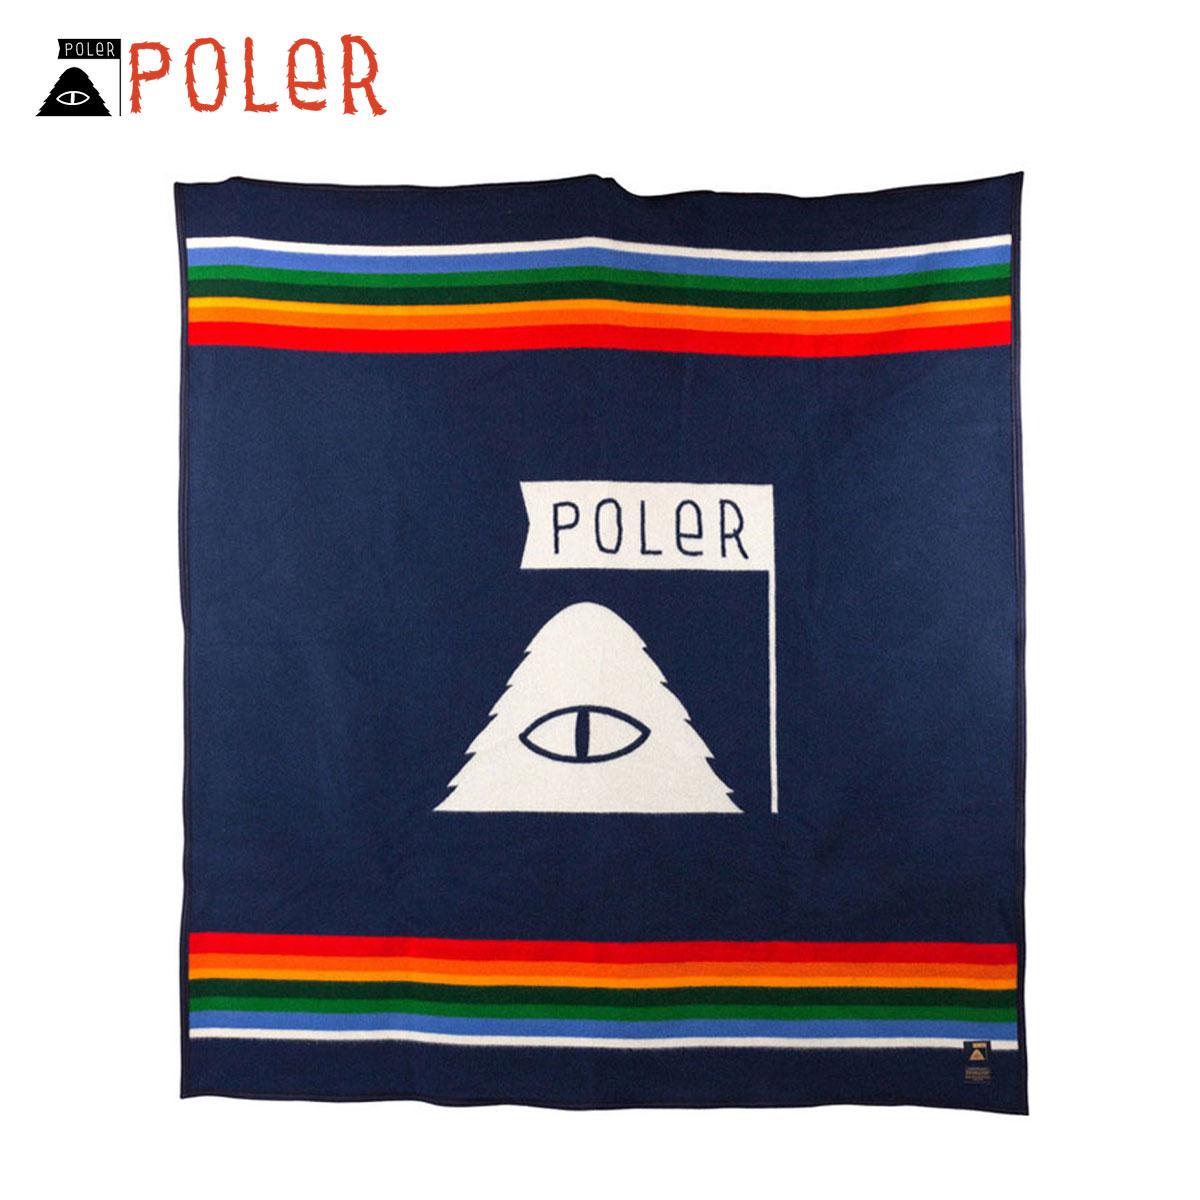 ポーラー POLER 正規販売店 毛布 ブランケット PENDLETON × POLER PENDLETON BLANKET CRATER LAKE ZF613-53316-MLT MULTI D00S20